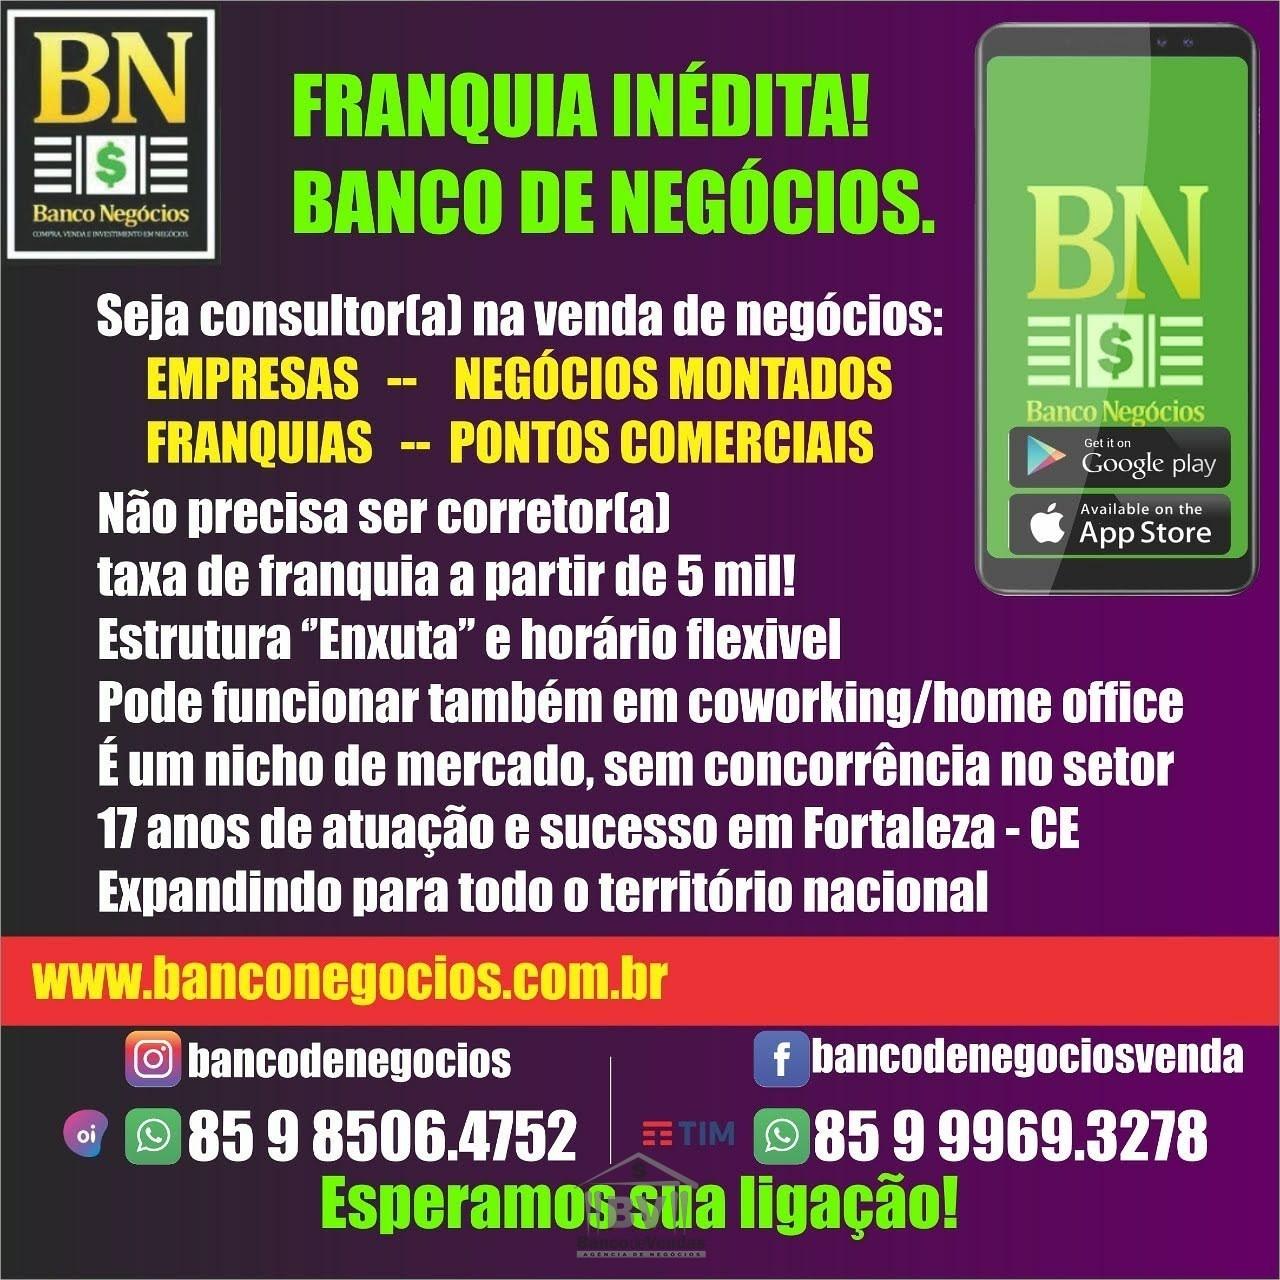 Adquira uma Franquia do BN Banco de Negócios!